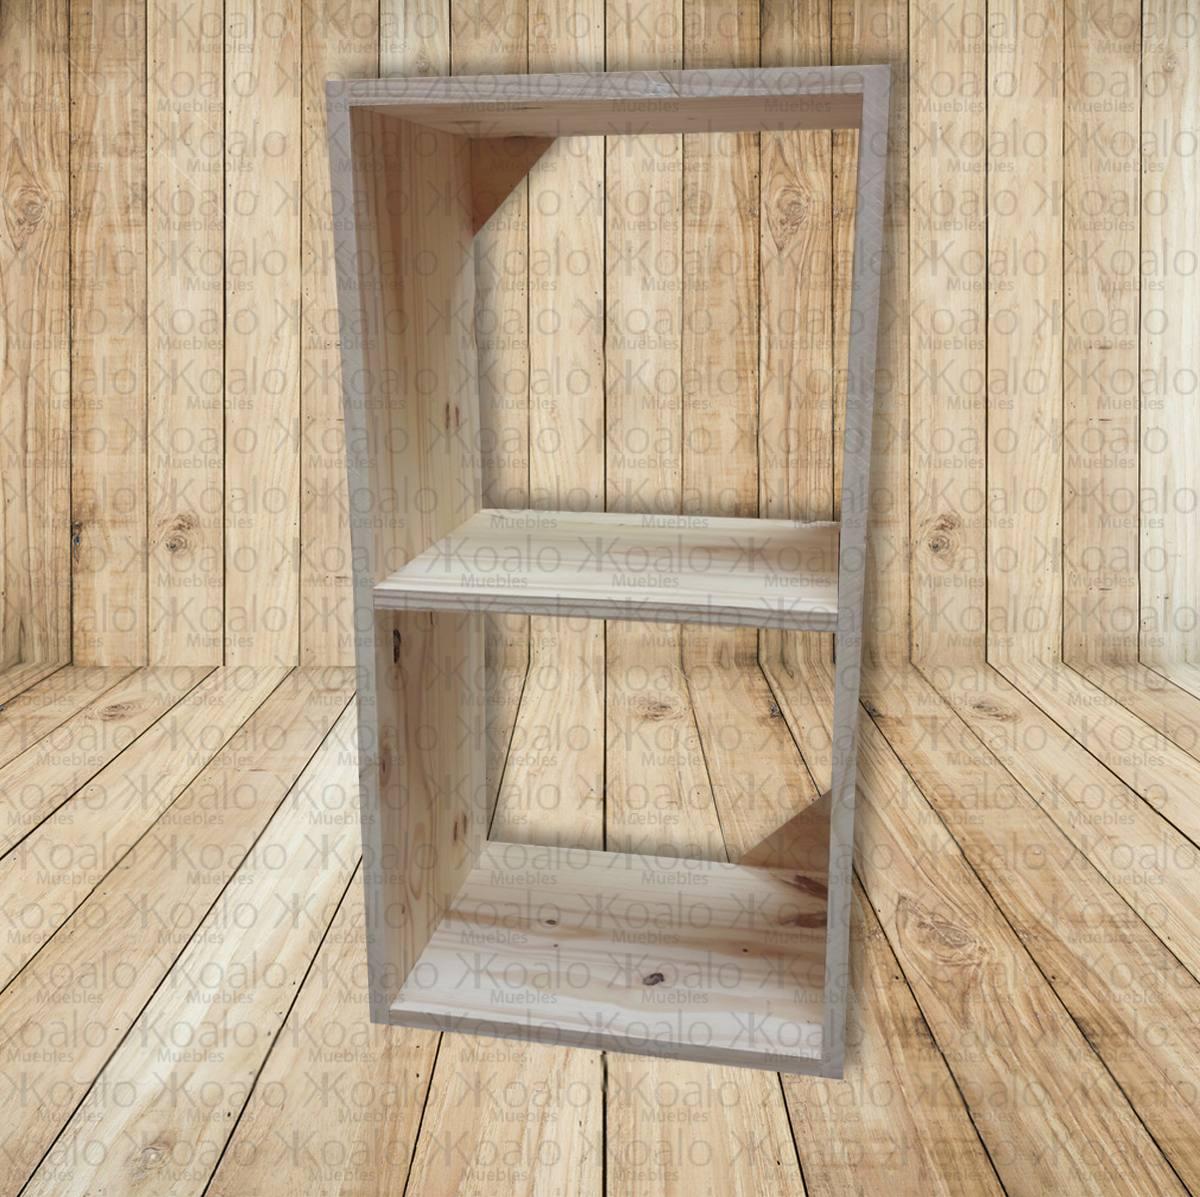 Cubo X2 Fabricado En Pino Para Organizar Koalo Muebles 340  # Organizar Muebles